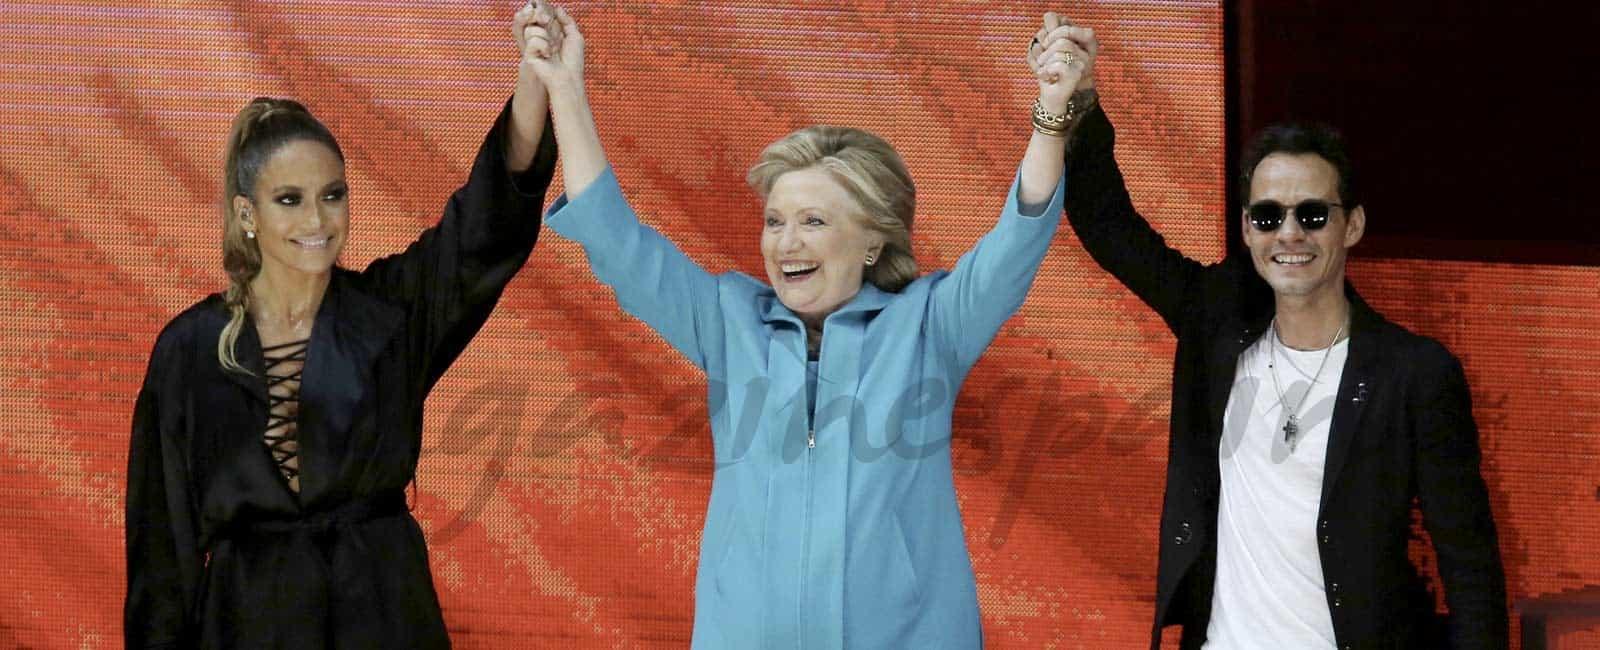 JLo y Marc Anthony, unidos por Hillary Clinton